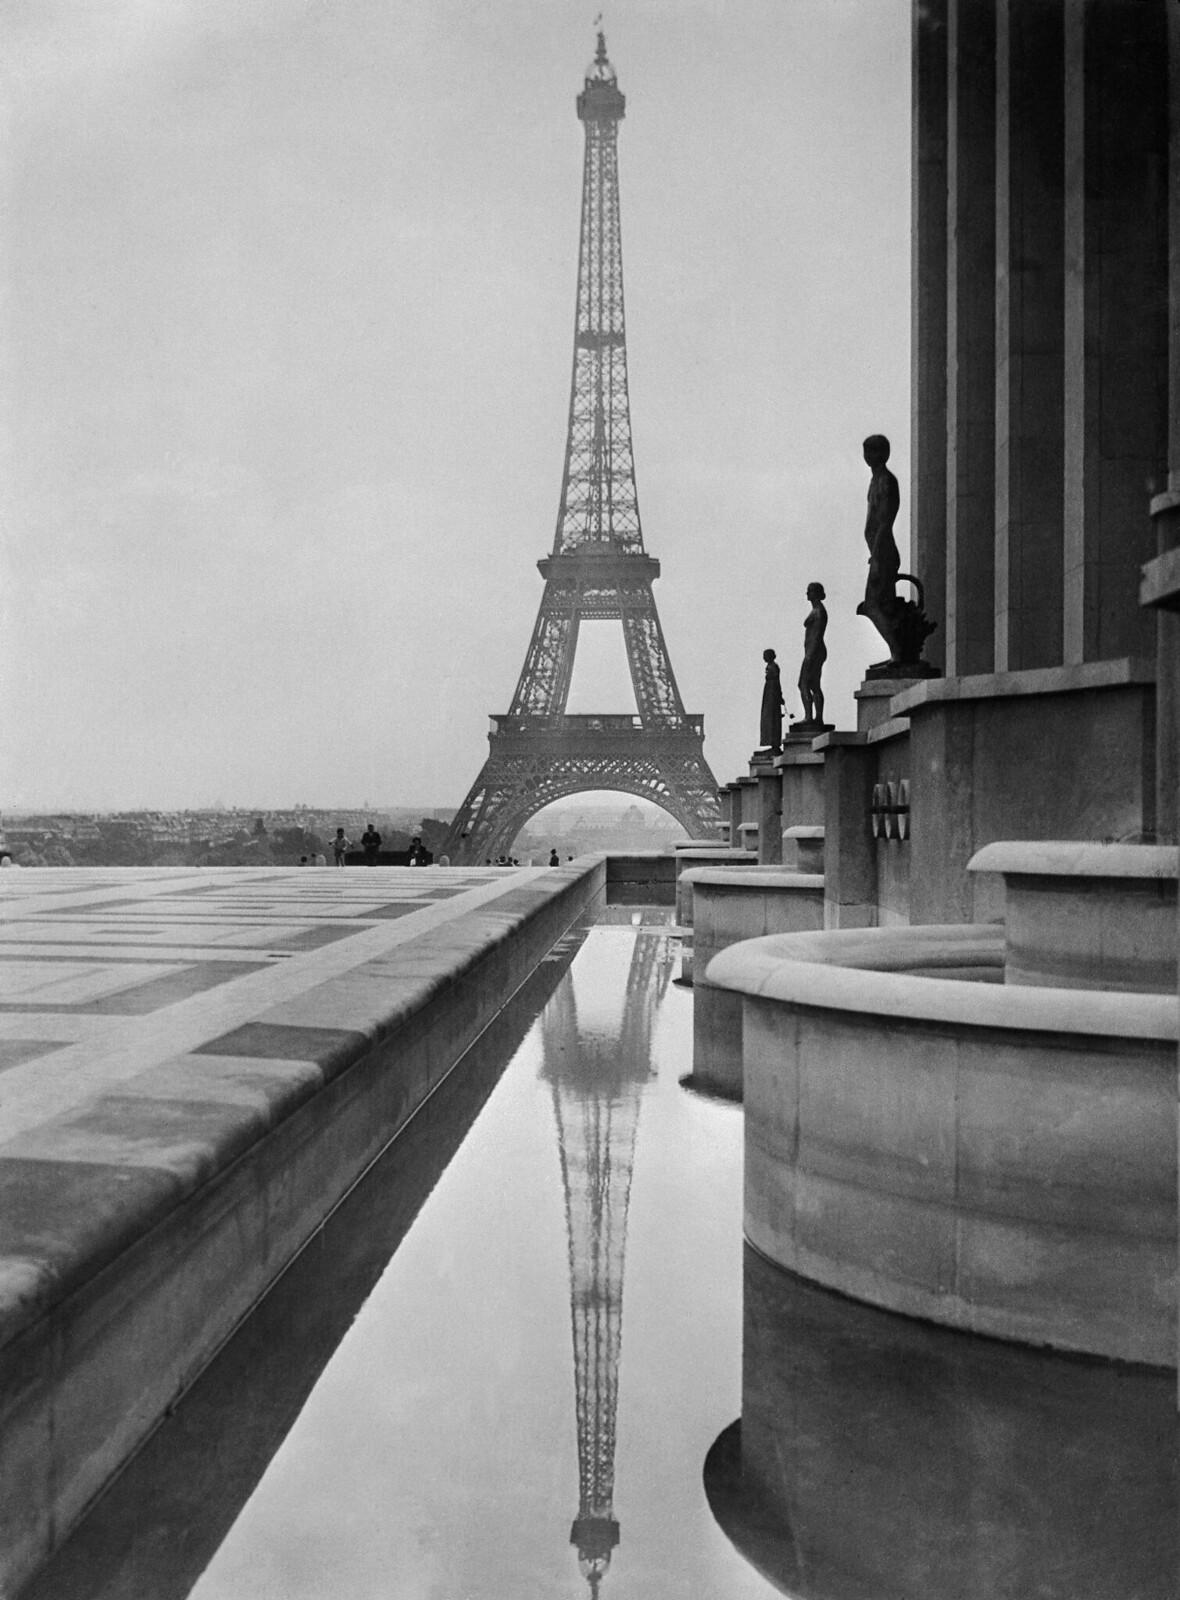 03. 1938. Эйфелева башня отражается в бассейне перед Трокадеро